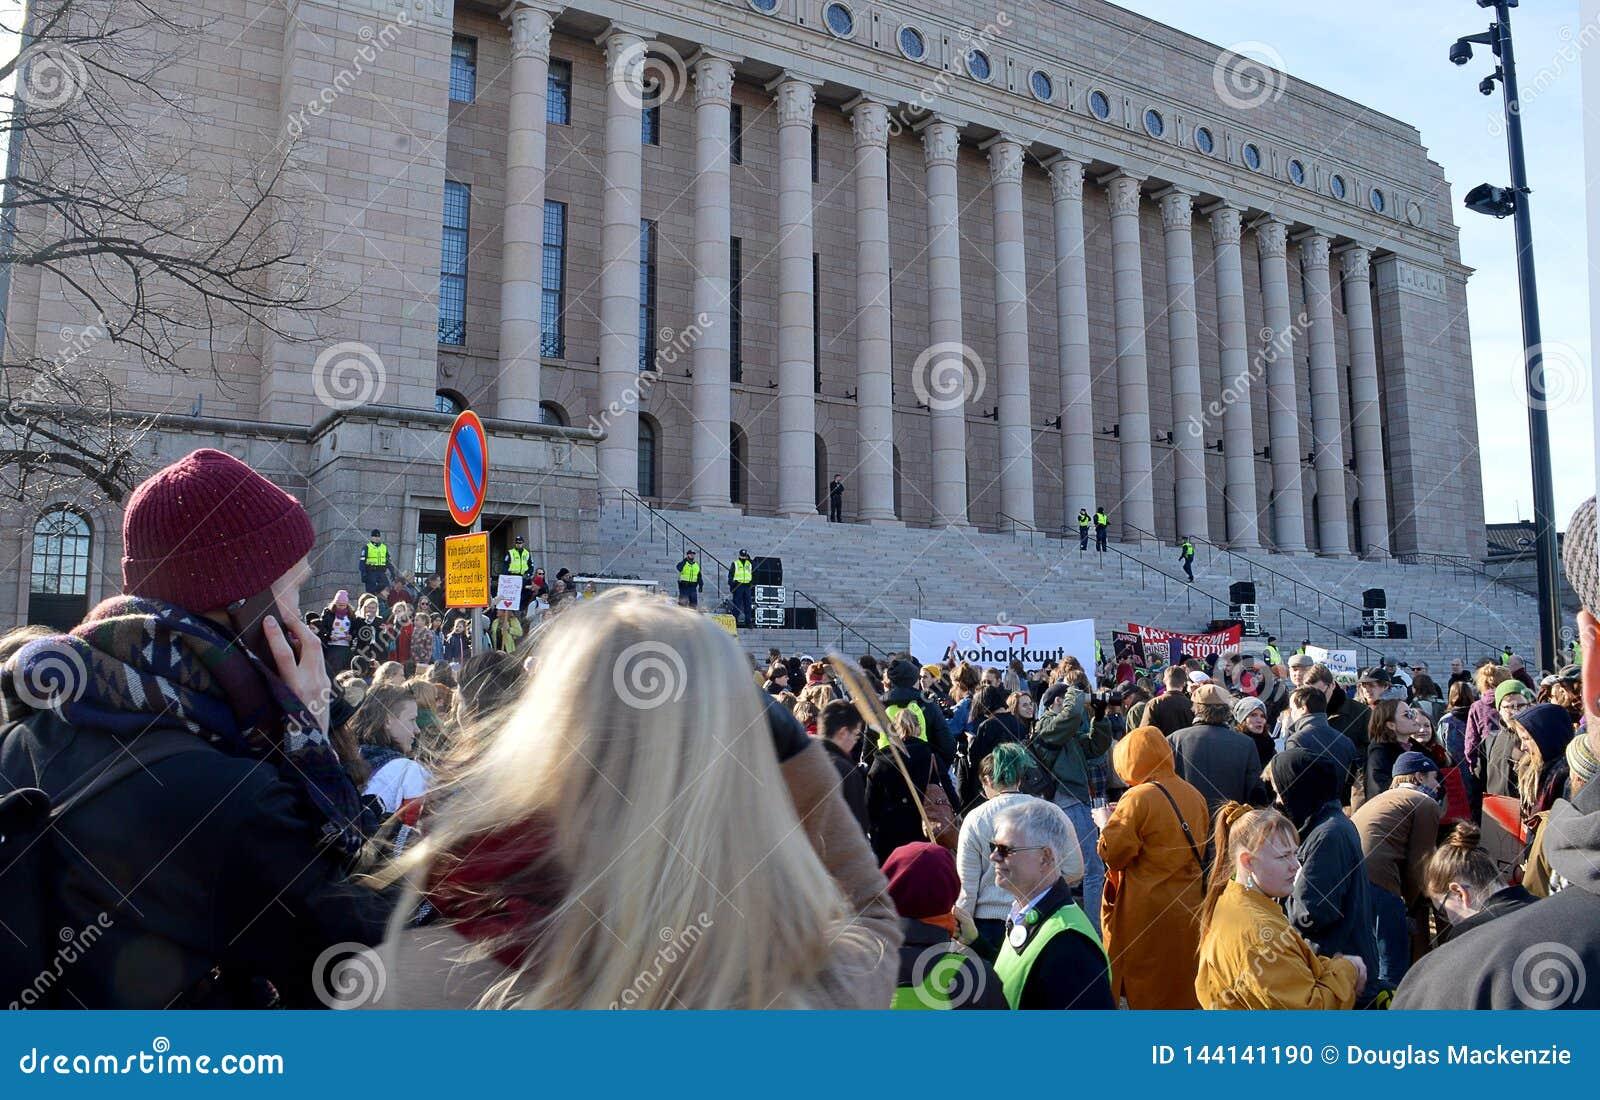 Protesto contra a inércia do governo em alterações climáticas, Helsínquia, Finlandia